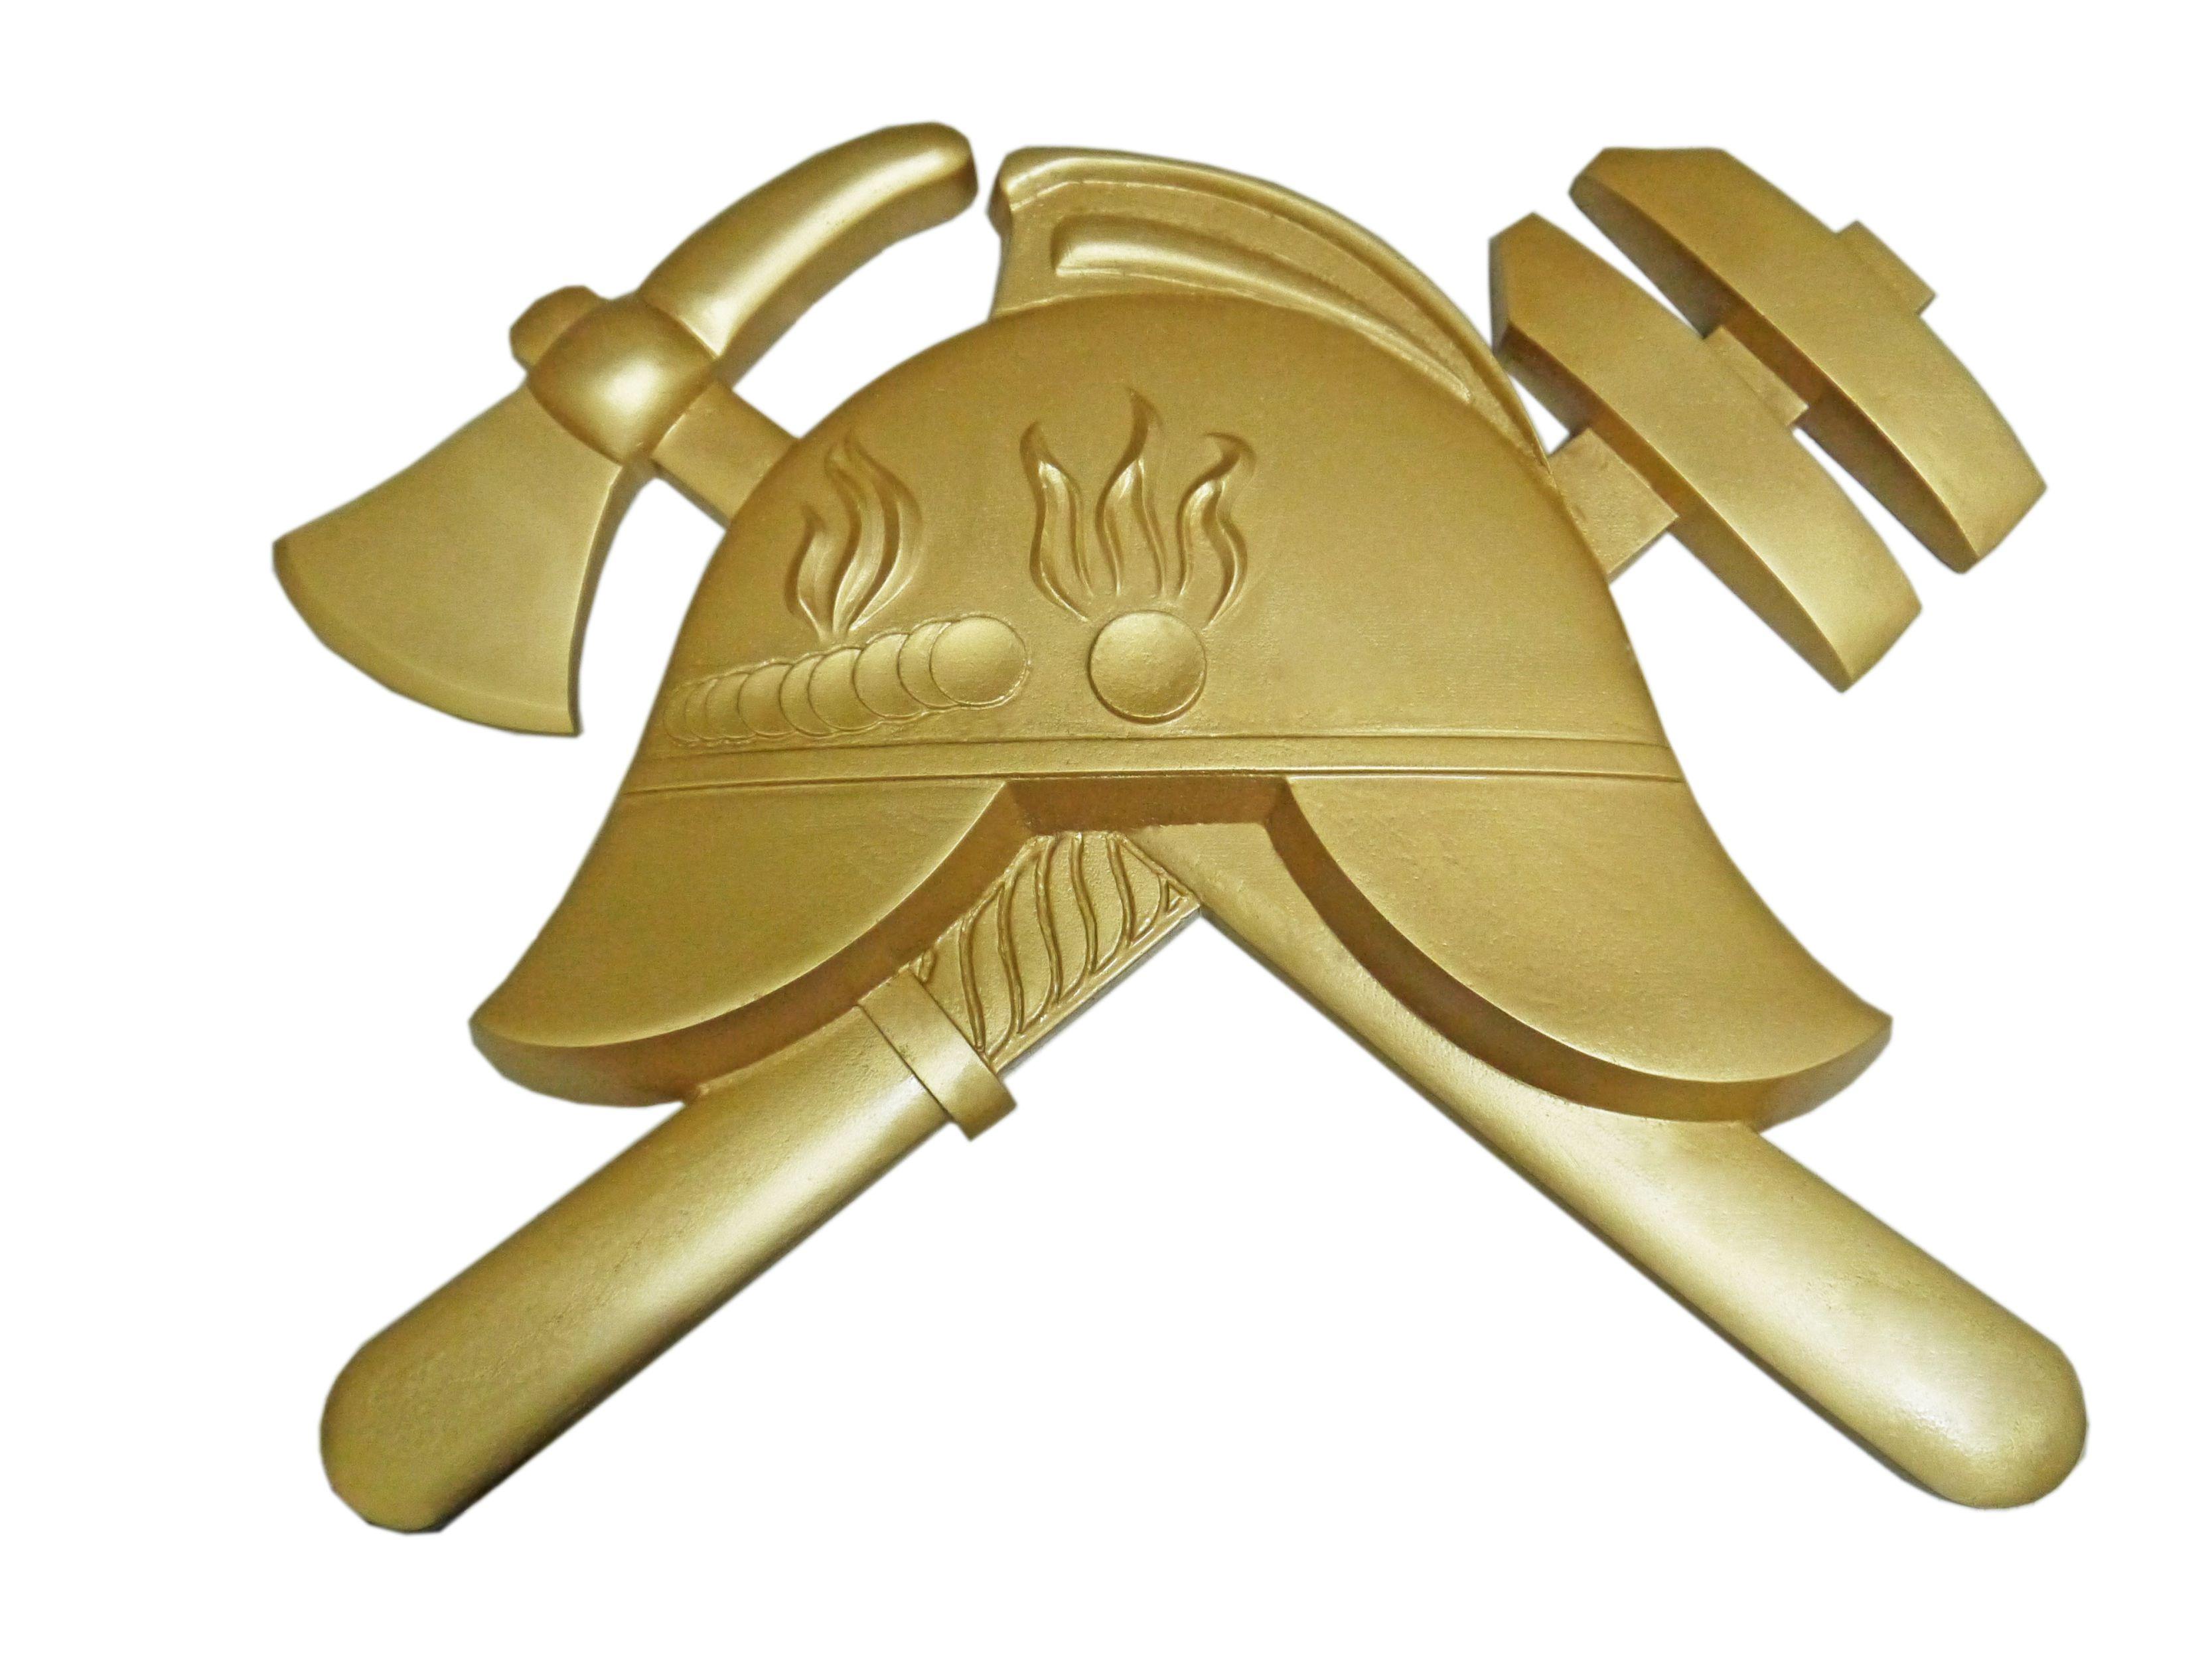 эмблема пожарной охраны россии который